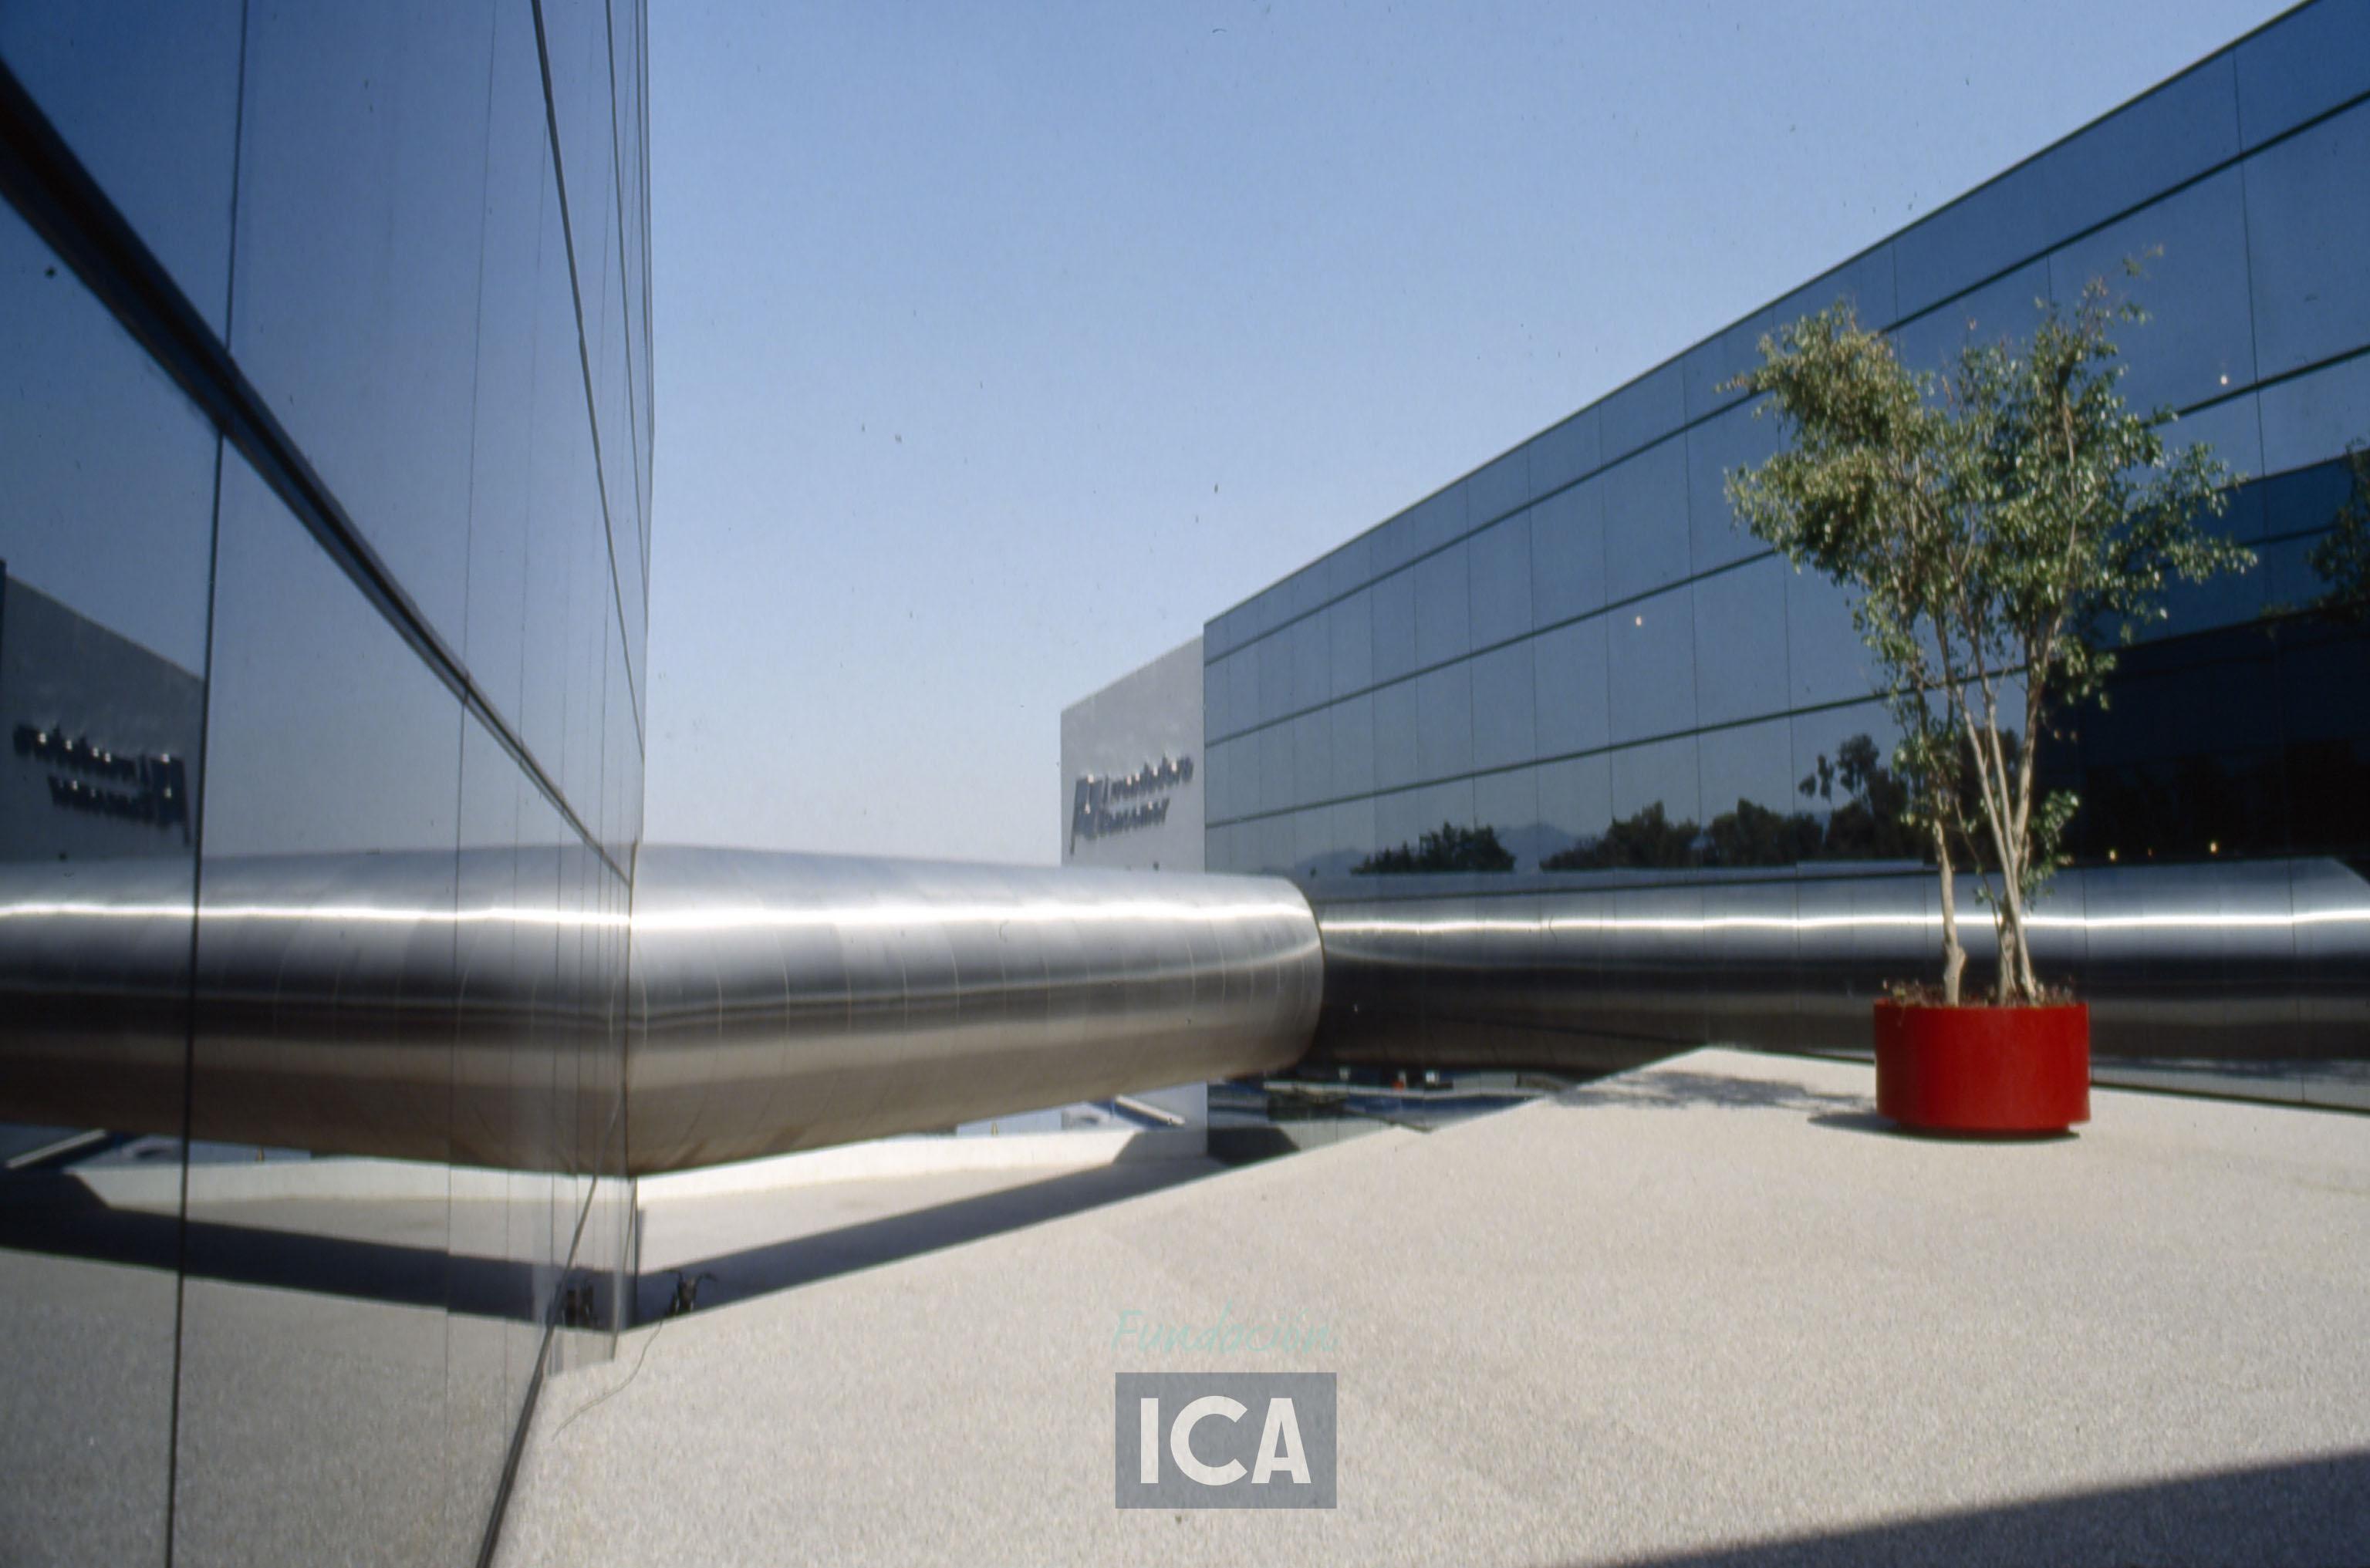 Colección ICA, Acervo Histórico Fundación ICA